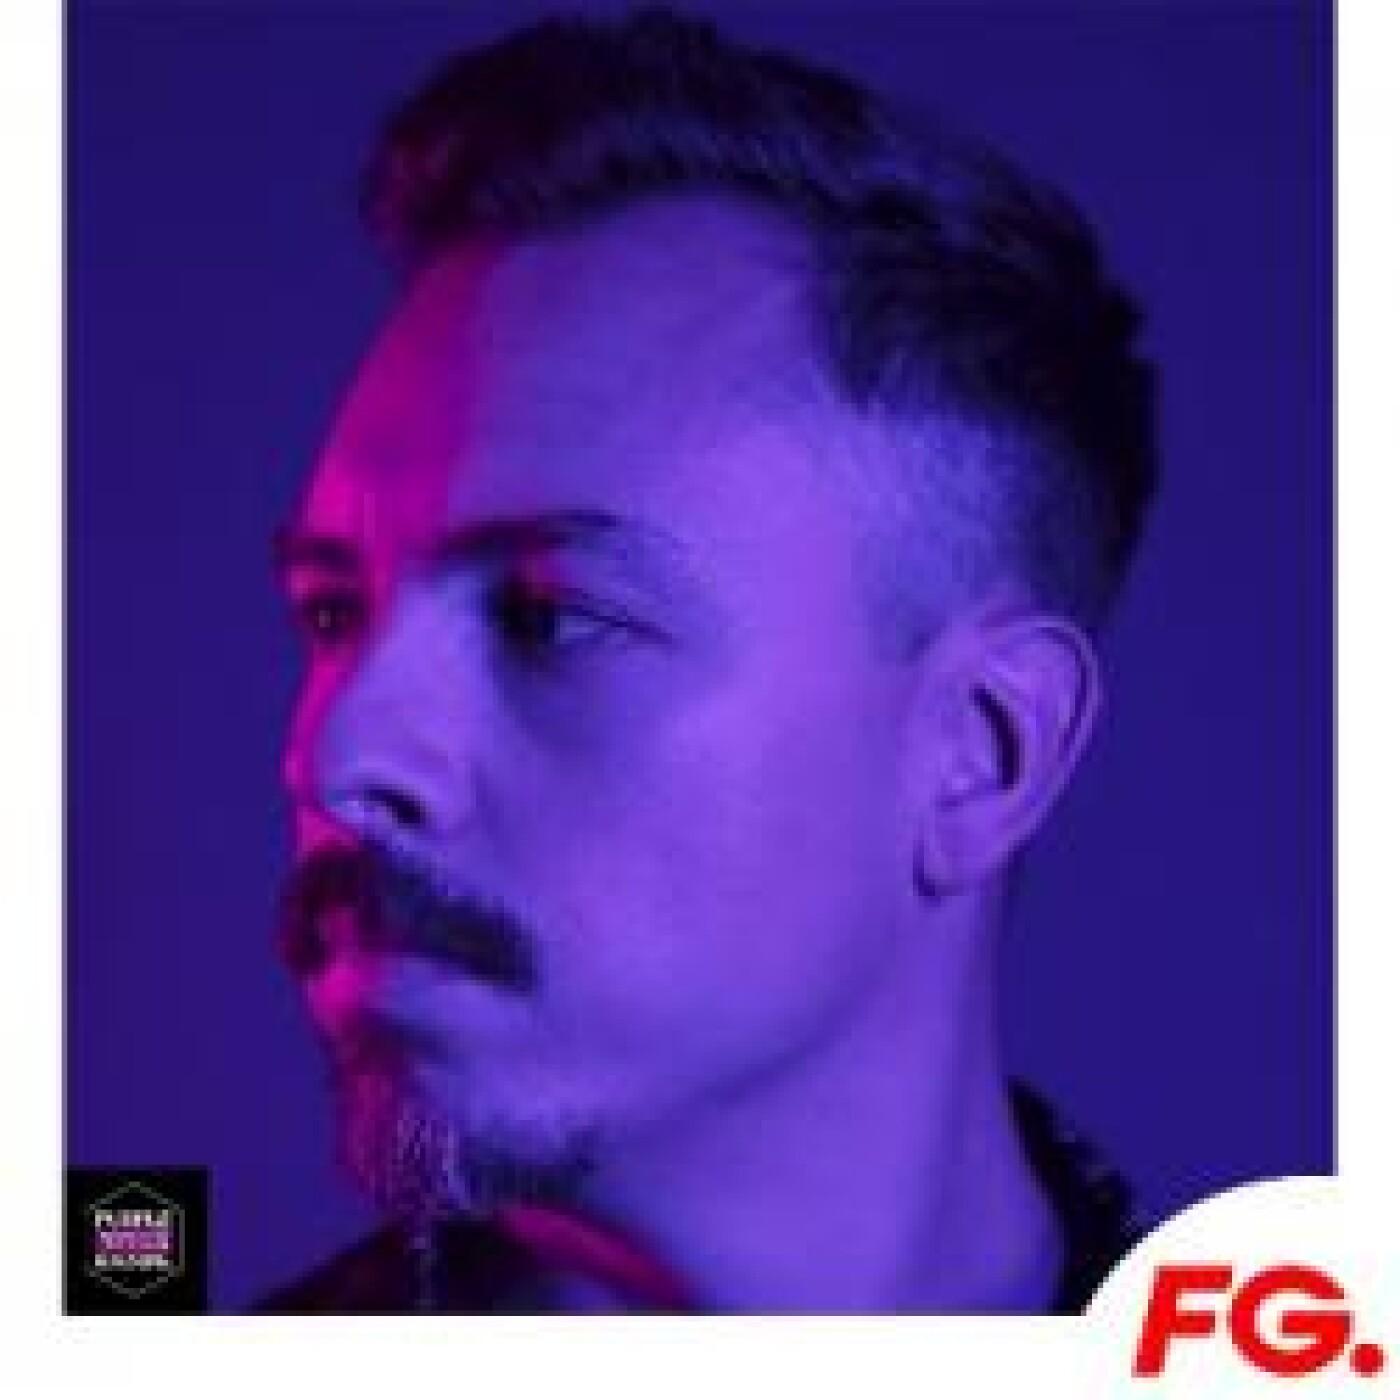 CLUB FG : PURPLE DISCO MACHINE